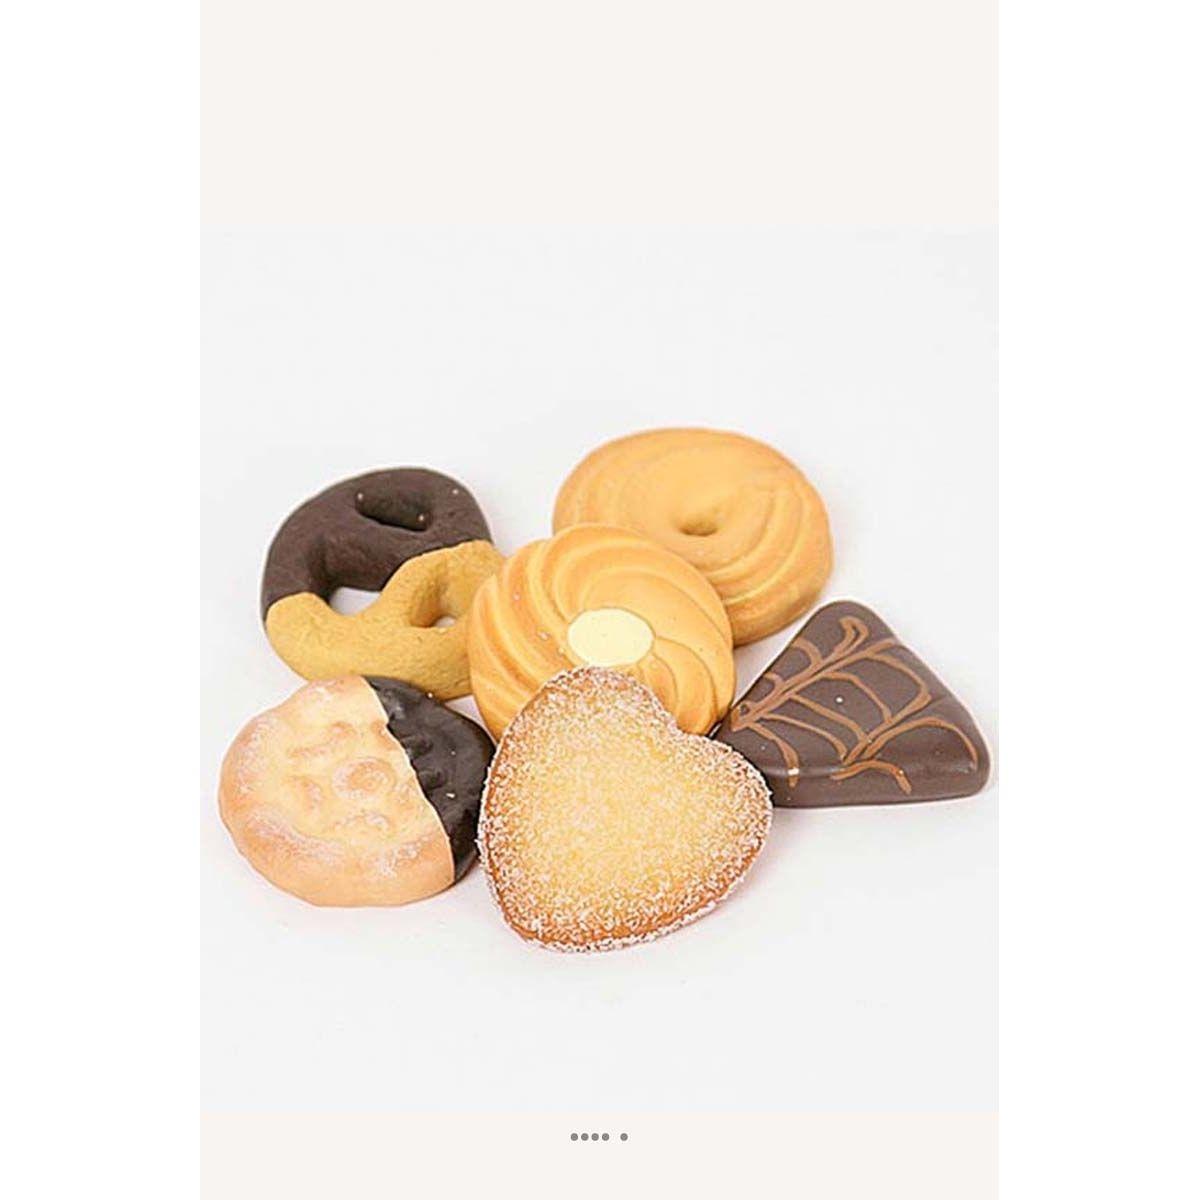 Biscuits secs artificiels X6 assortis aliment factice décoration